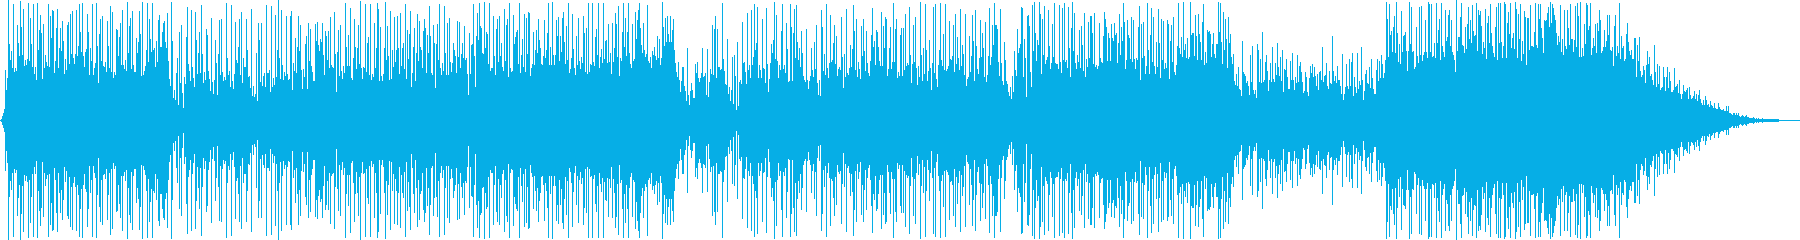 軽快なリズムのアコギEGリフのポップス調の再生済みの波形